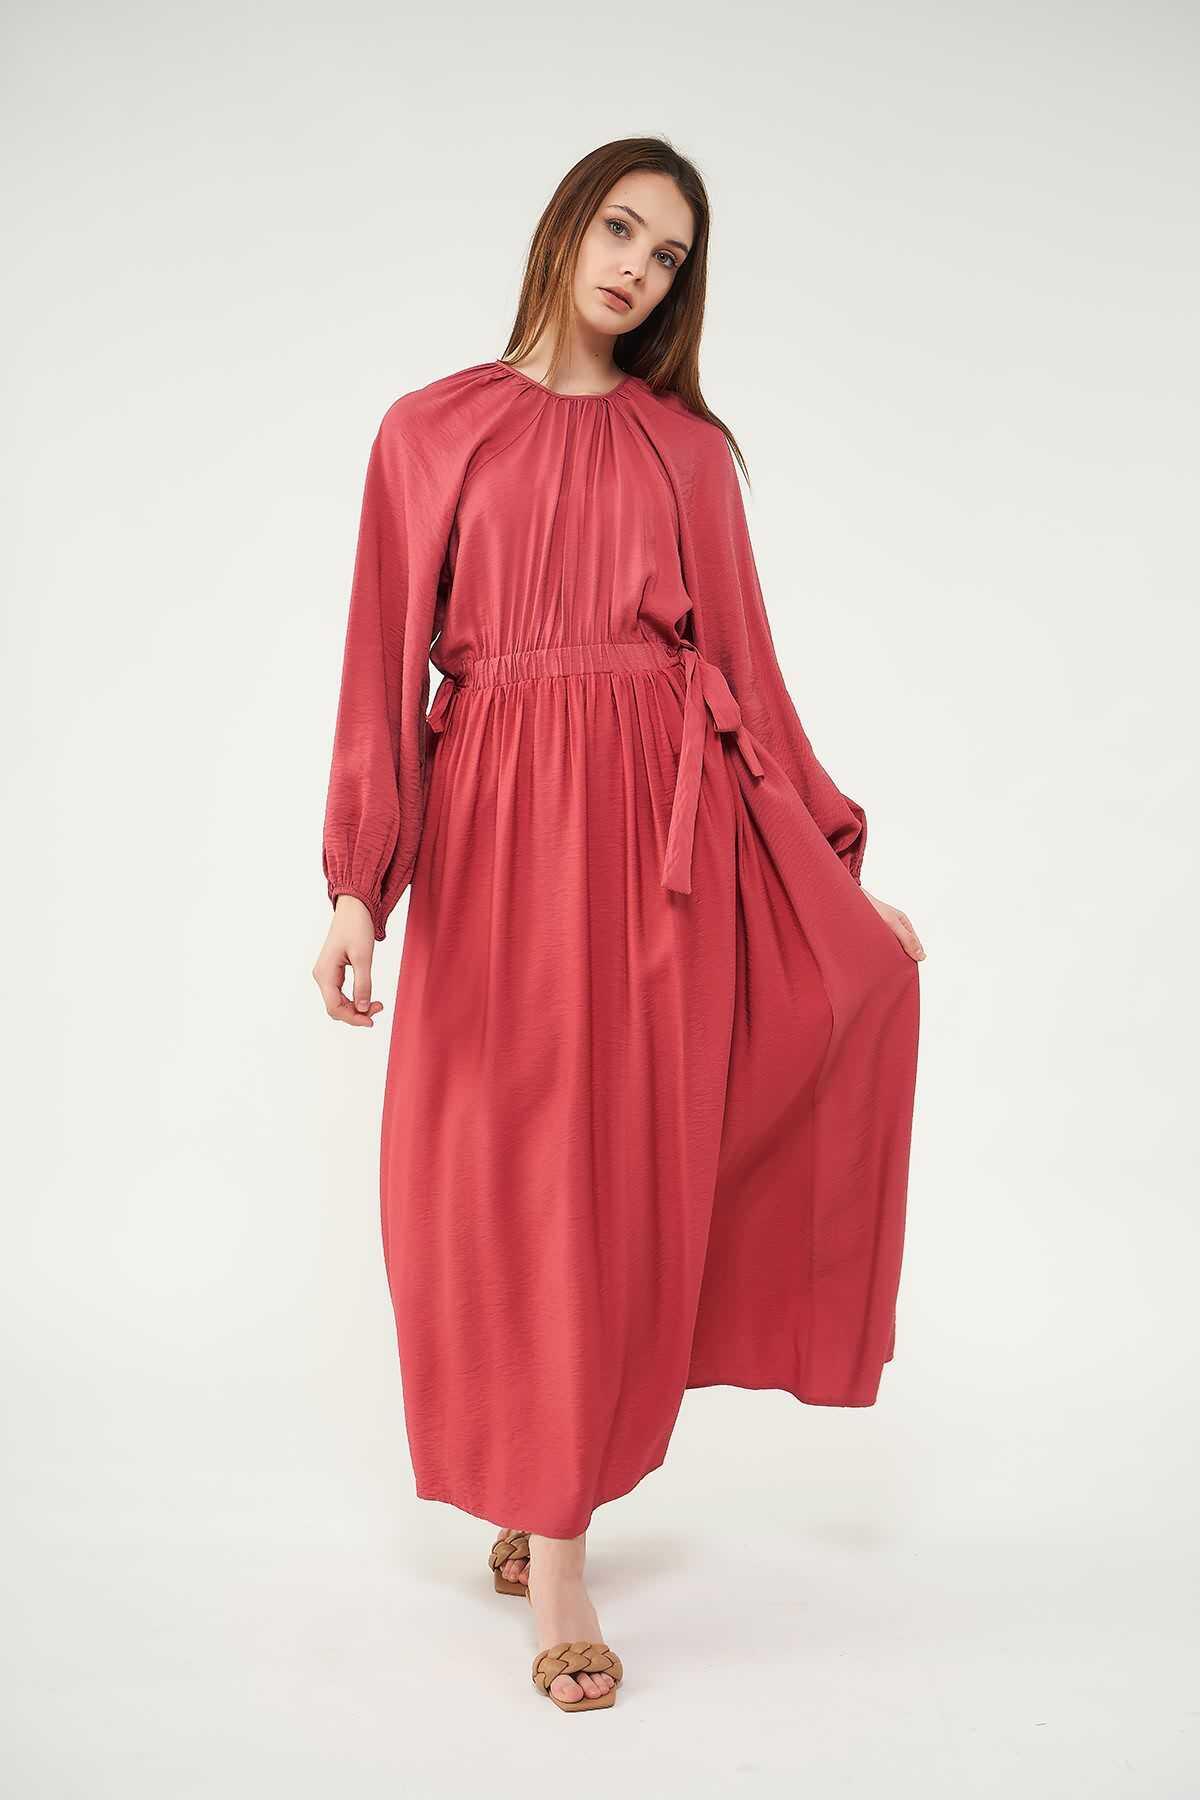 Mevra - Kuşaklı Elbise Gül Kurusu